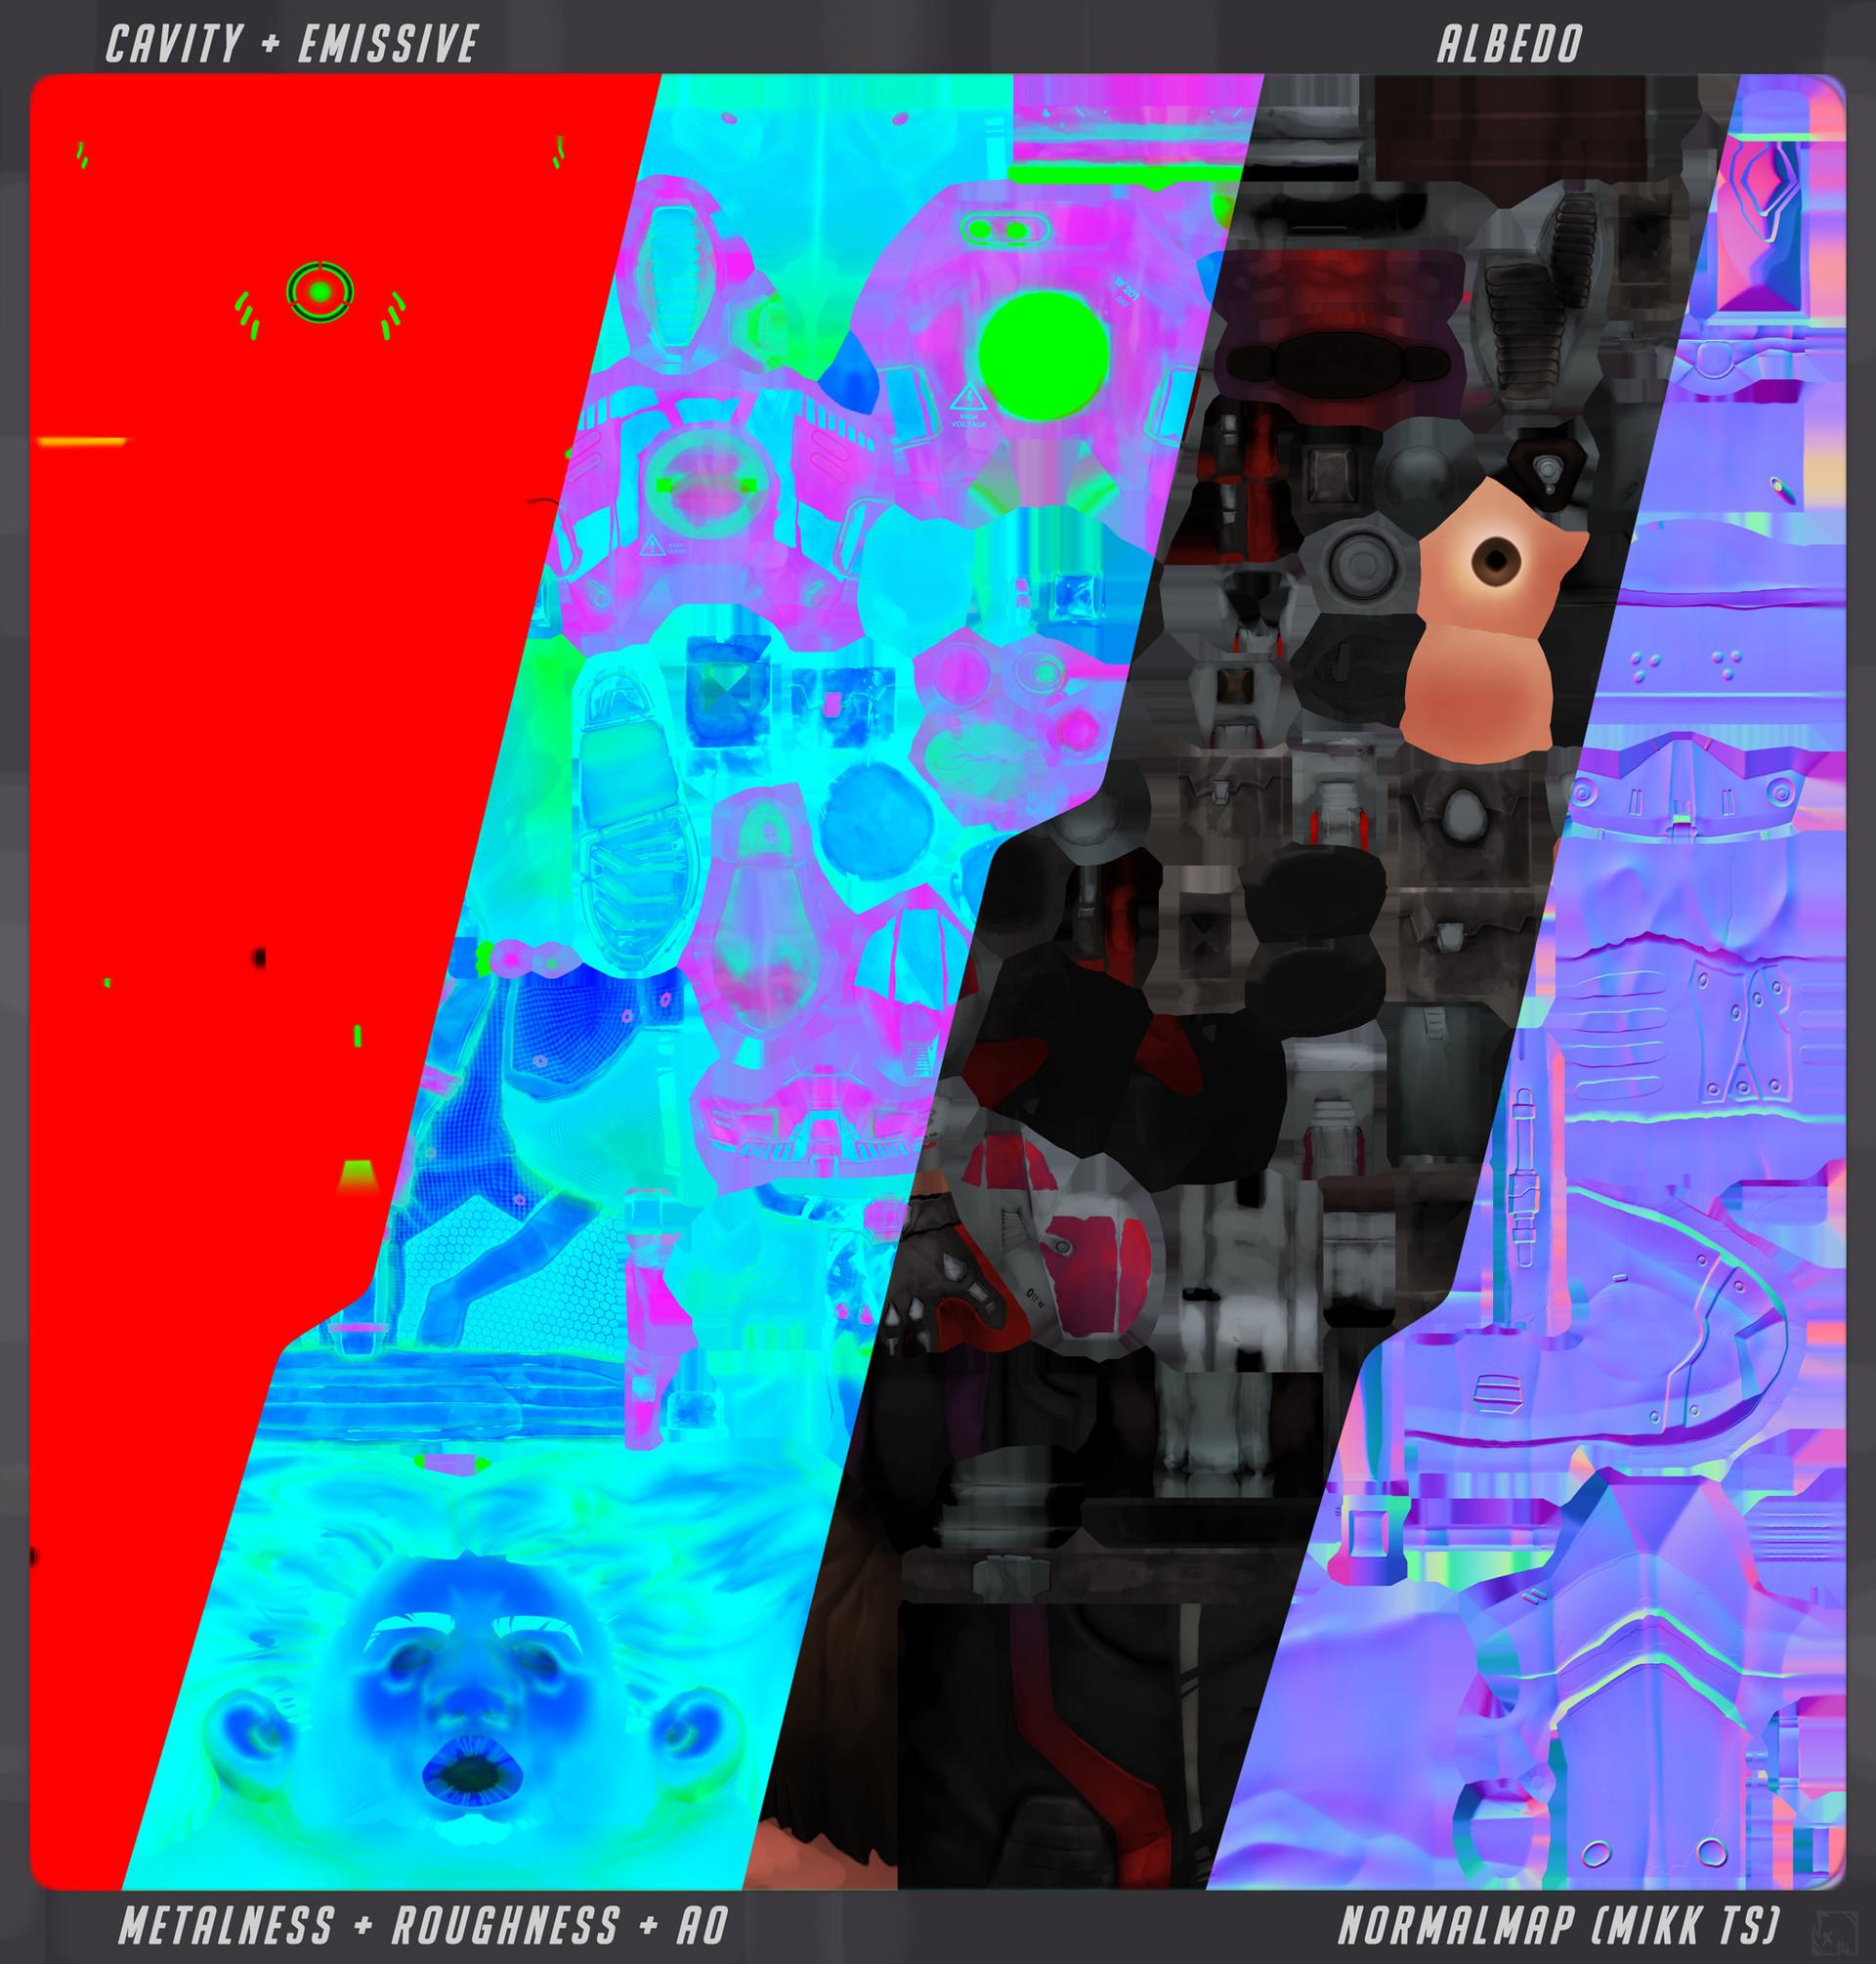 Etienne beschet cha syblast render texturesbreakdown groundbreaker